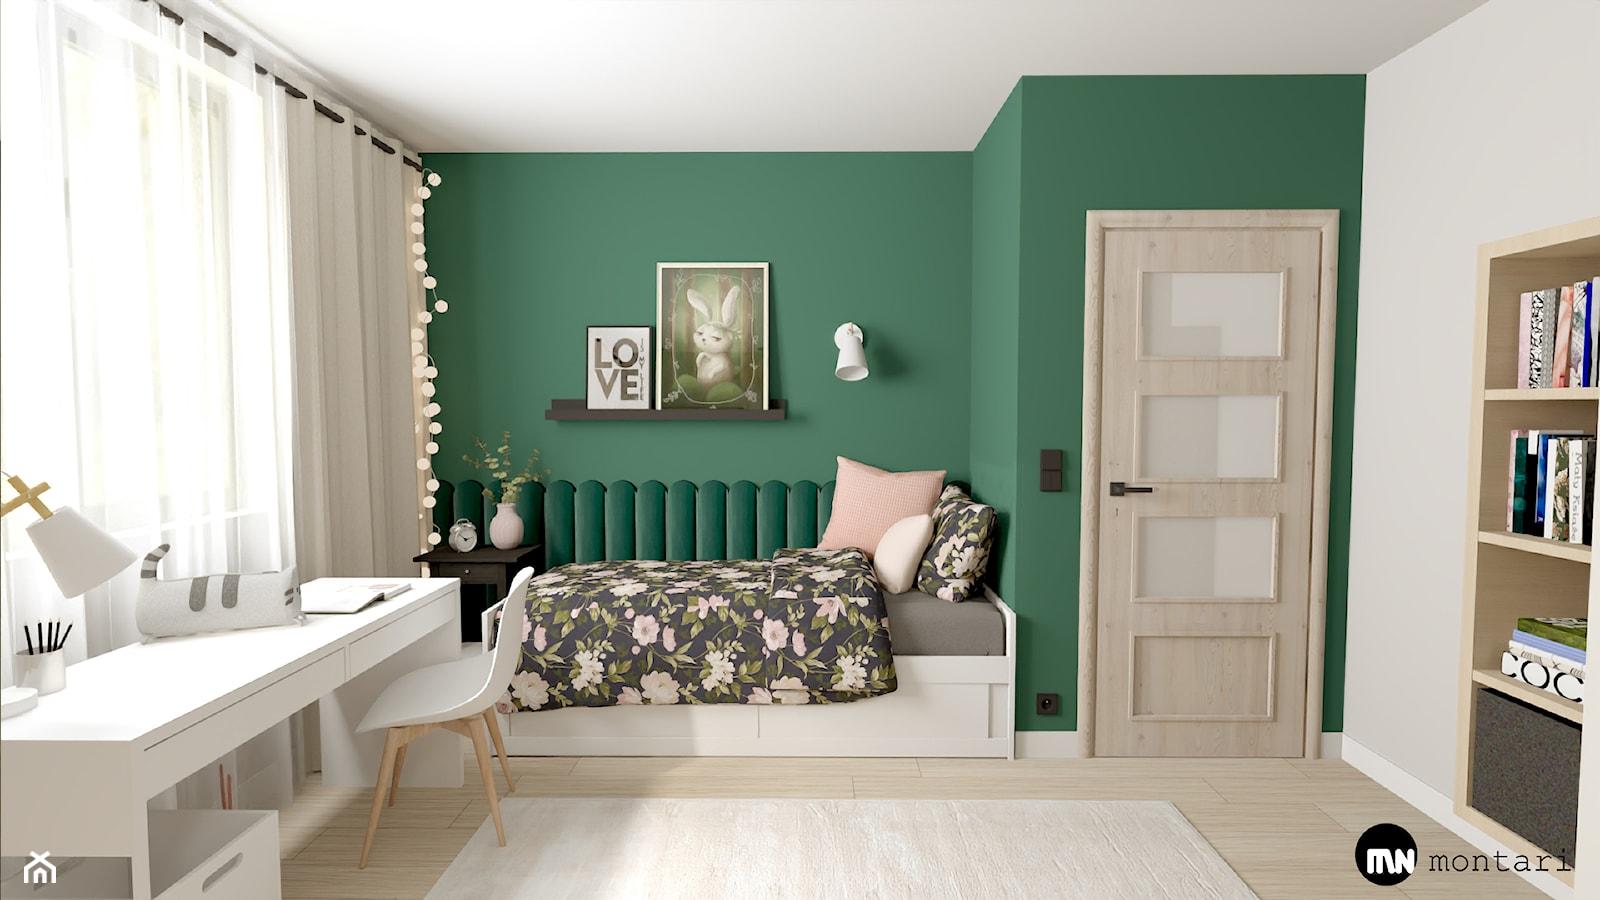 Wnętrza prywatne - Pokój dziecka, styl nowoczesny - zdjęcie od MONTARI - Homebook